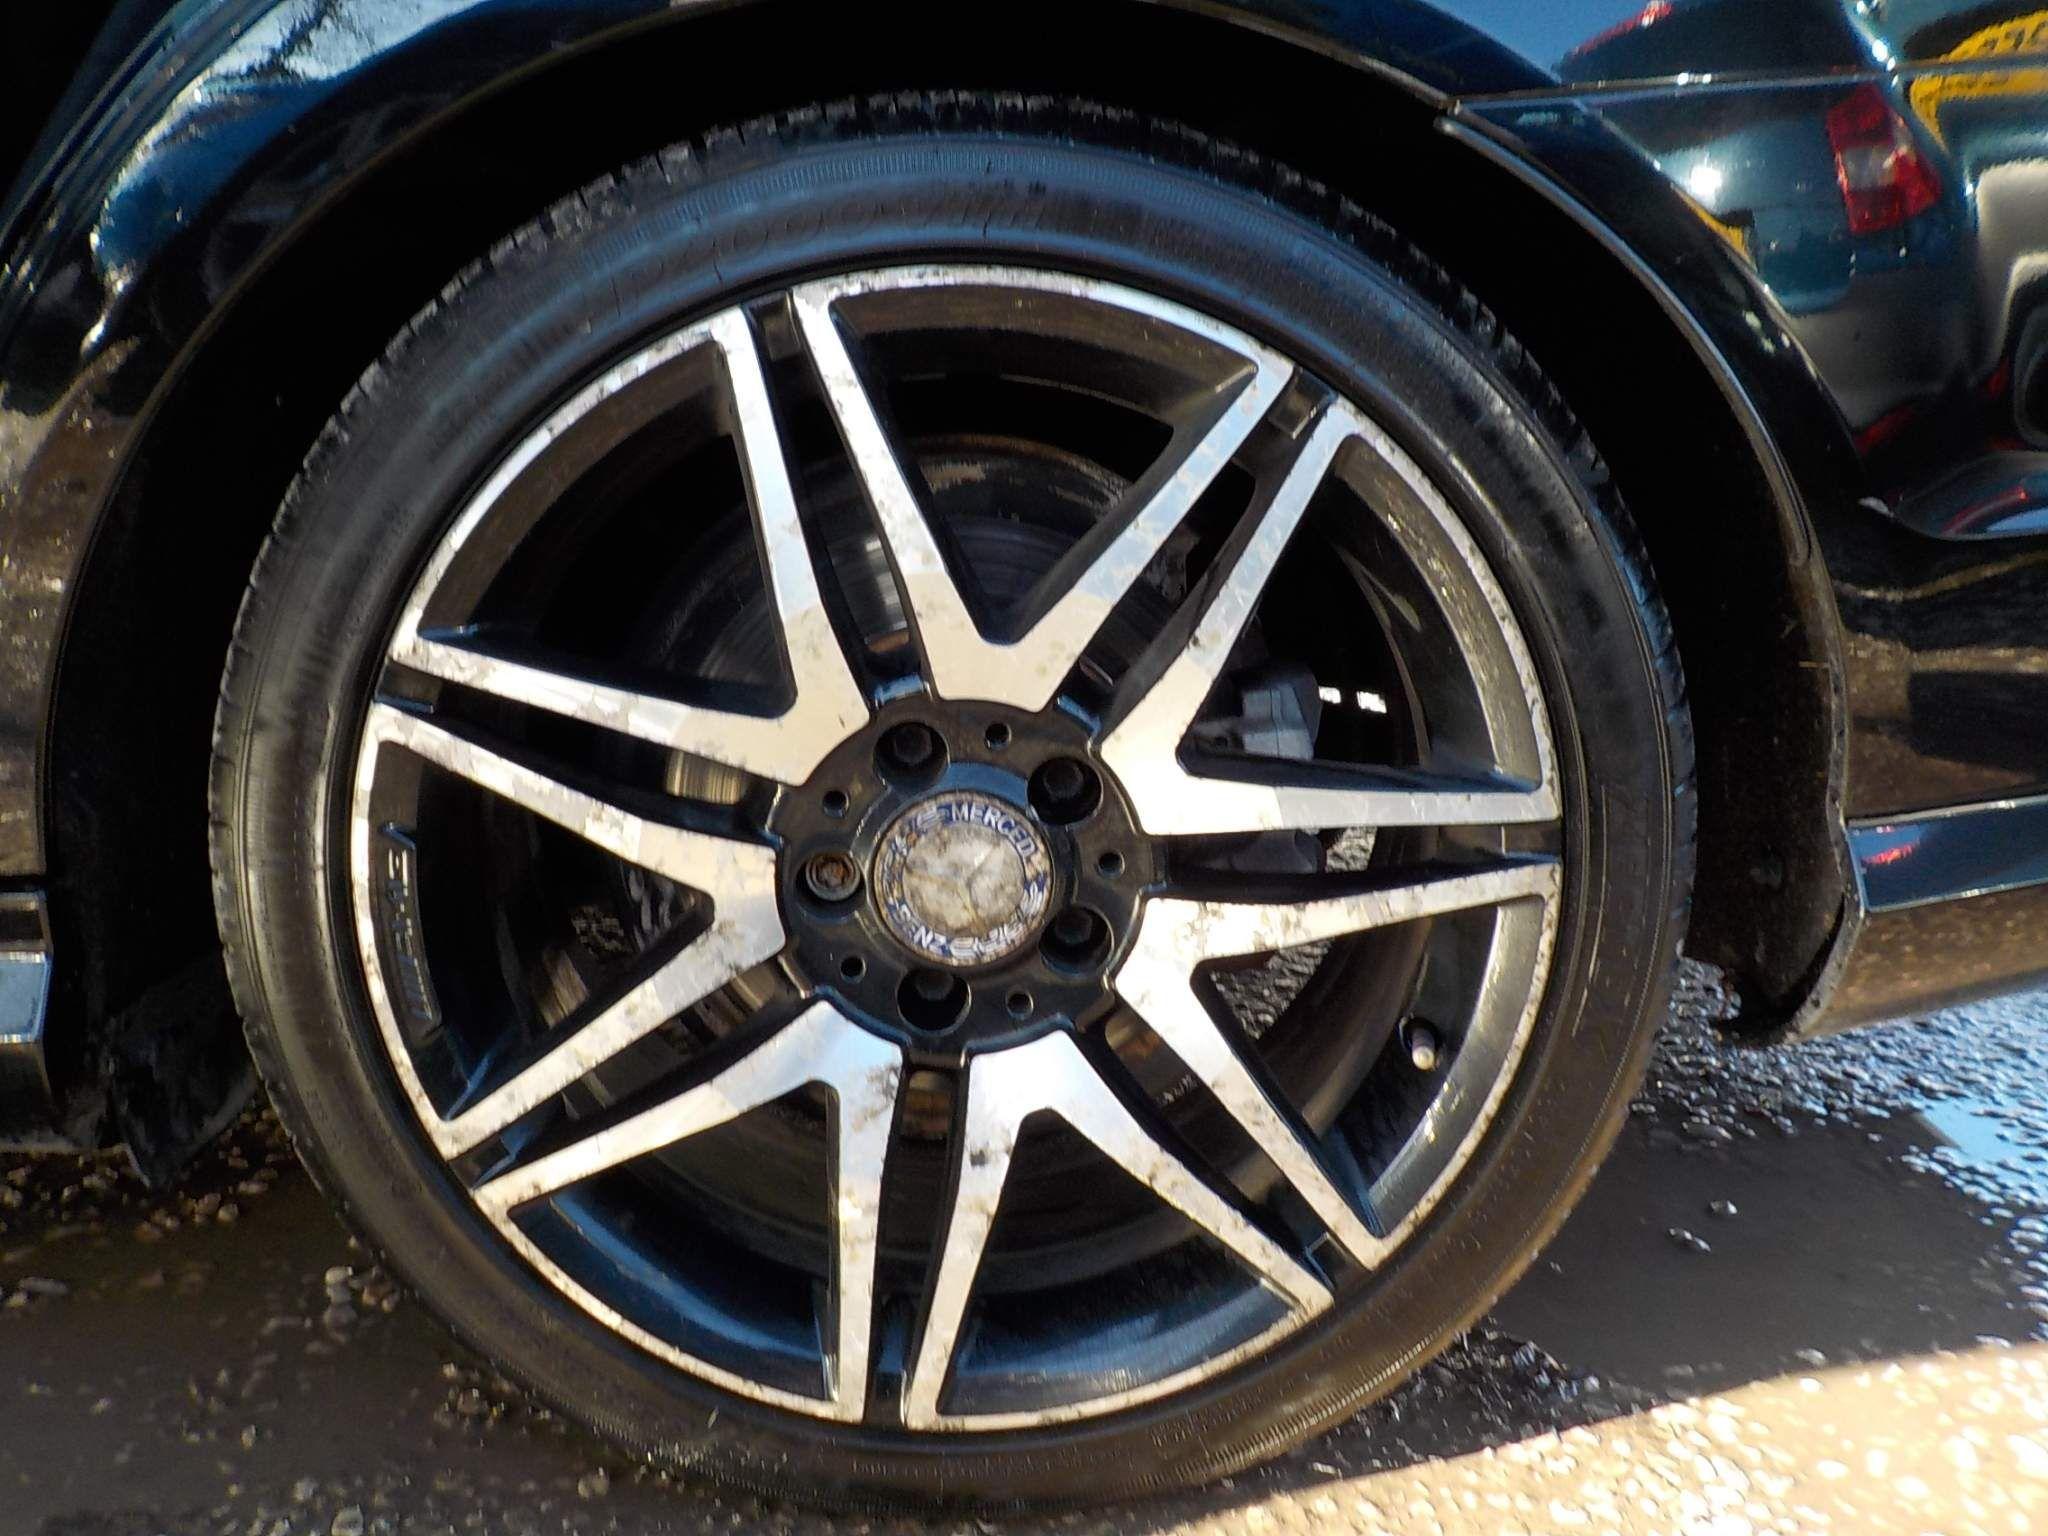 Mercedes-Benz C Class 1.6 C180 BlueEFFICIENCY AMG Sport Plus 7G-Tronic Plus 4dr